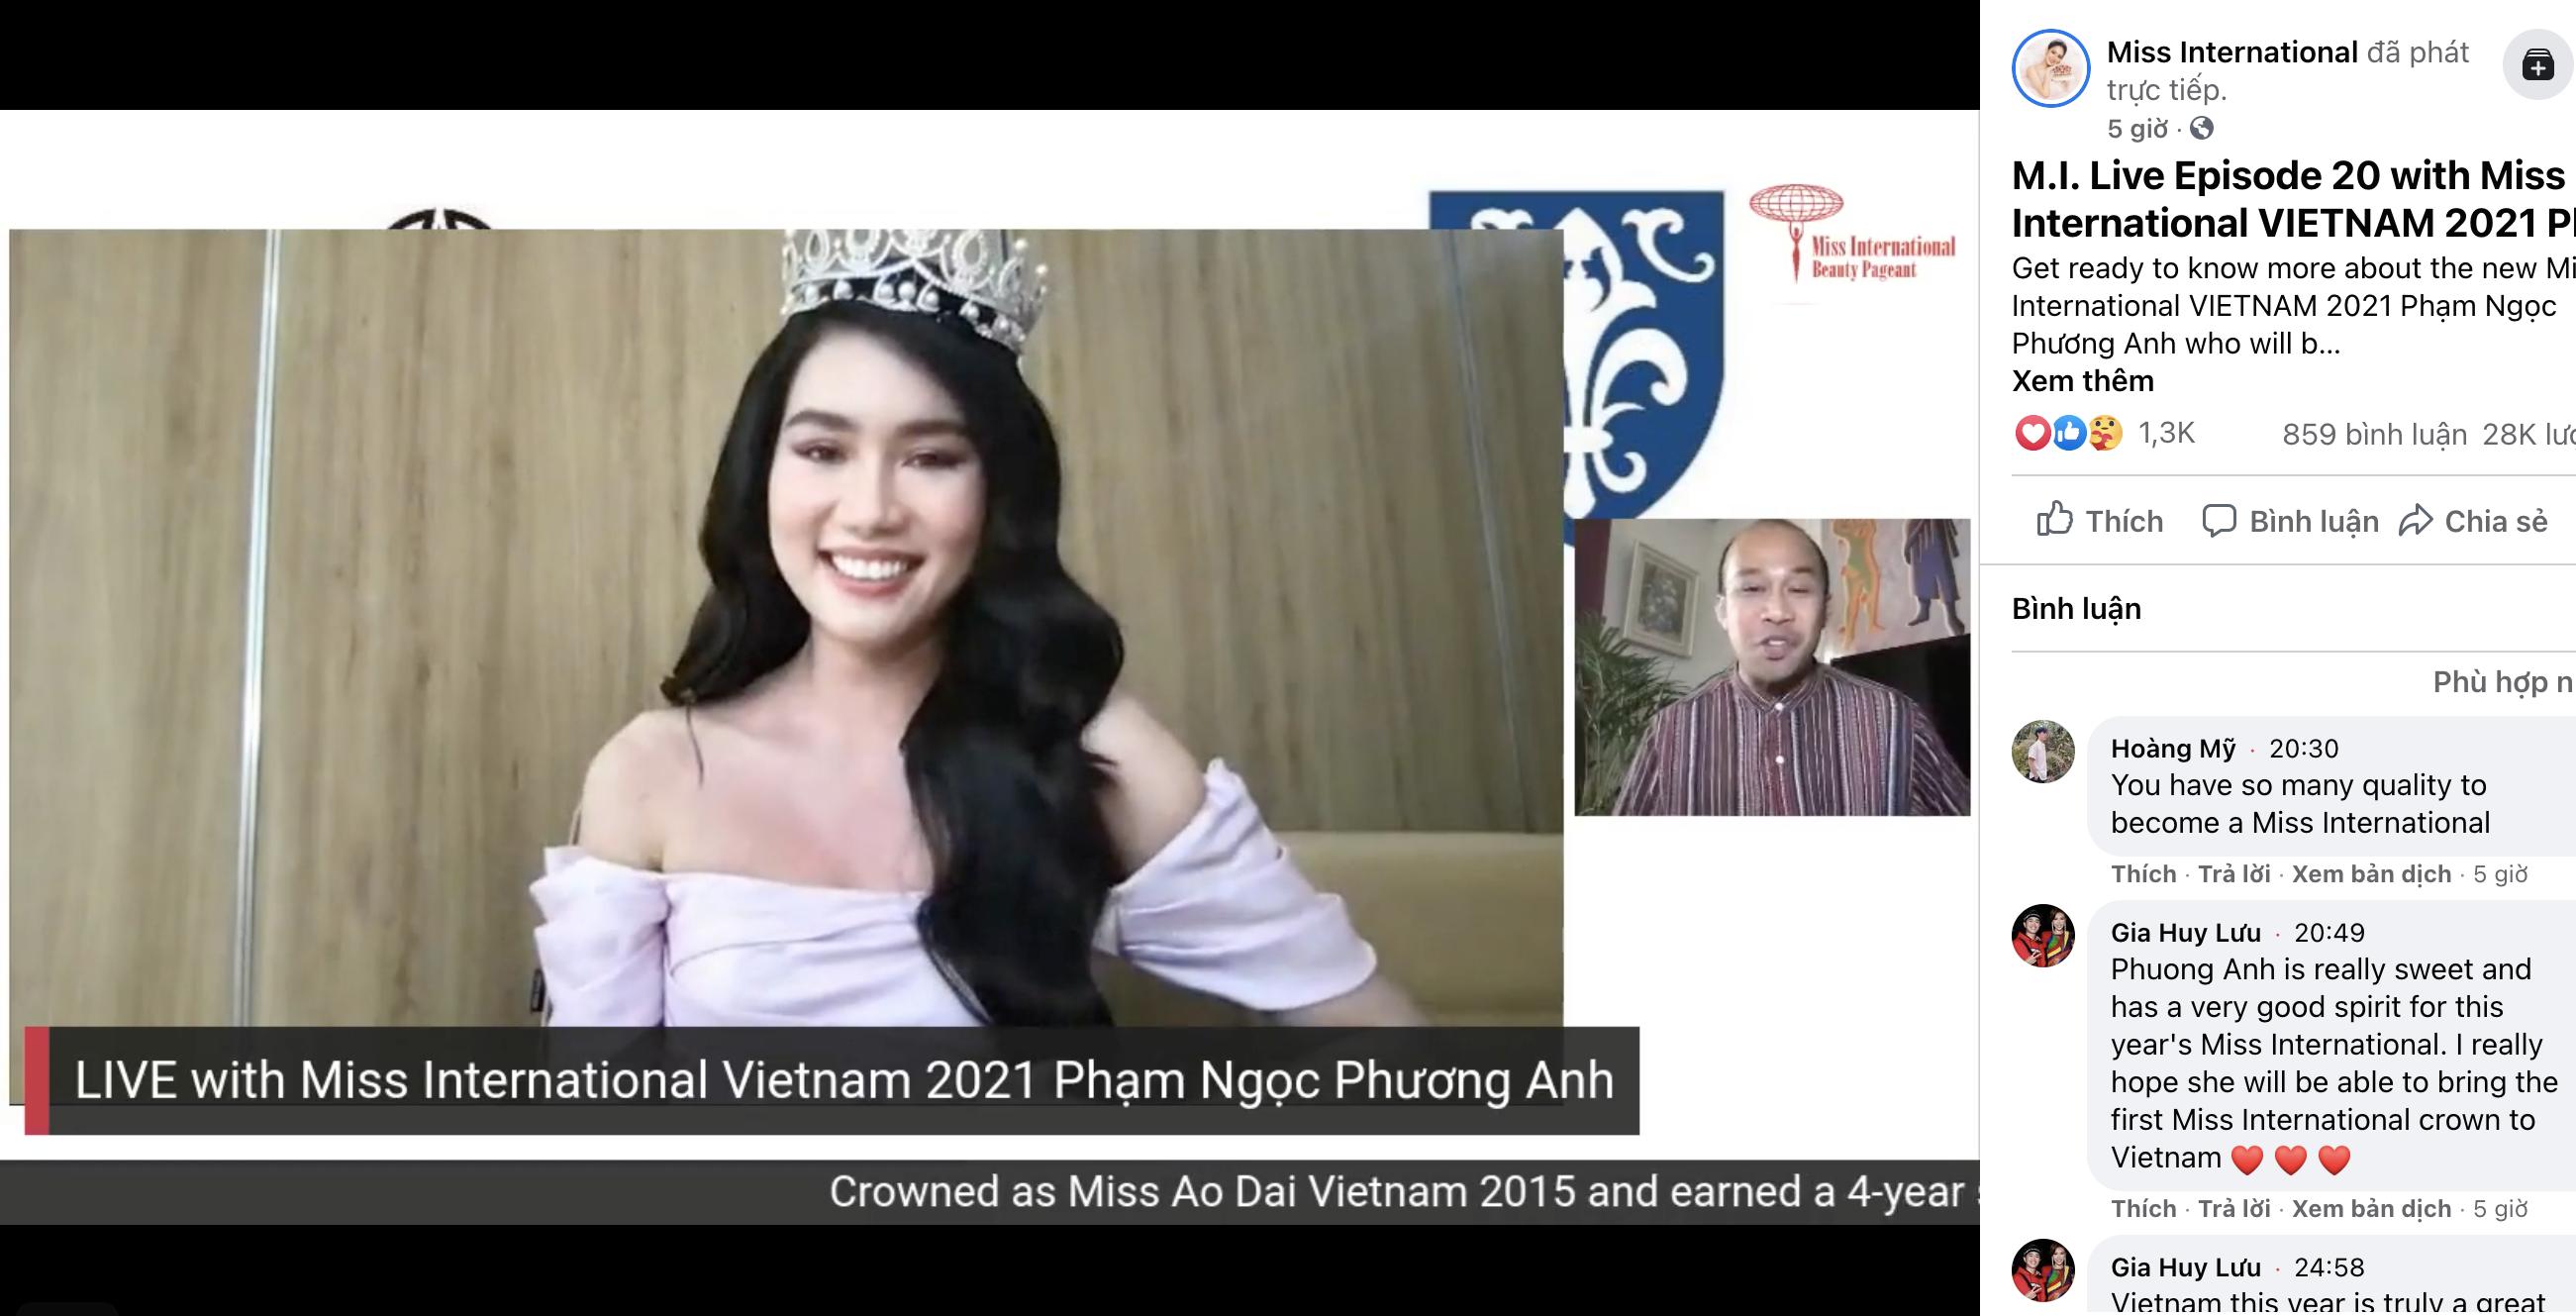 Á hậu Phương Anh trò chuyện lưu loát bằng tiếng Anh tại buổi giao lưu trực tuyến Hoa hậu Quốc tế